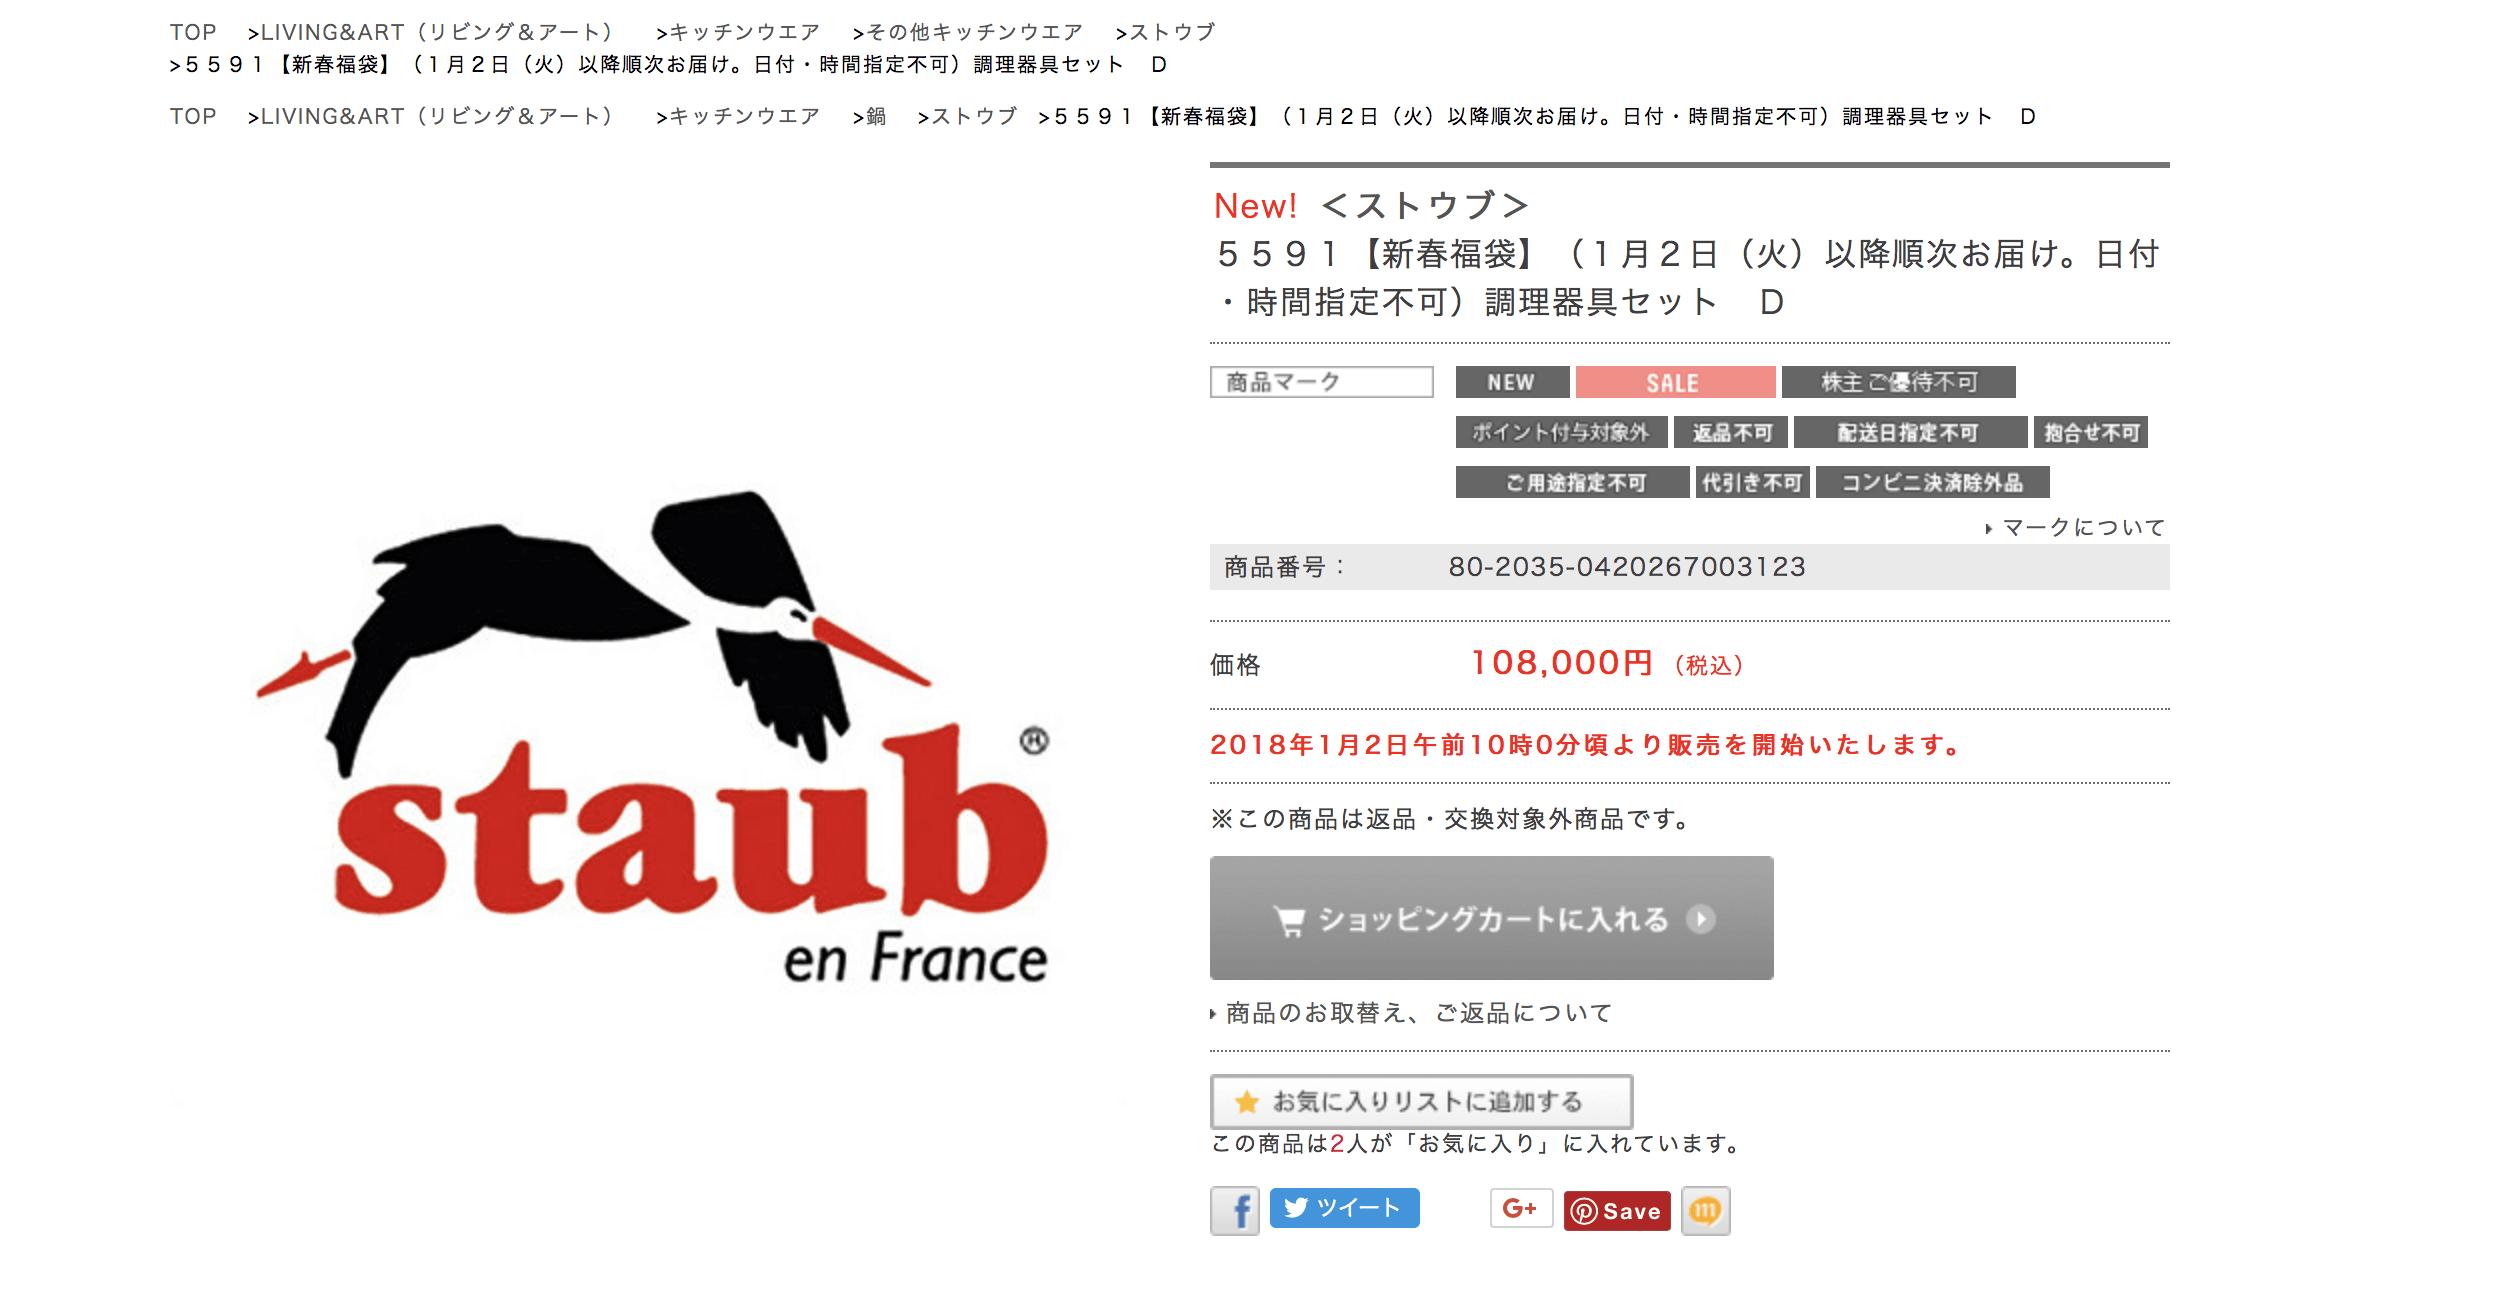 伊勢丹 2018年新春 ストウブ福袋がオンライン販売 2018年1月2日(火曜日)午前10時から